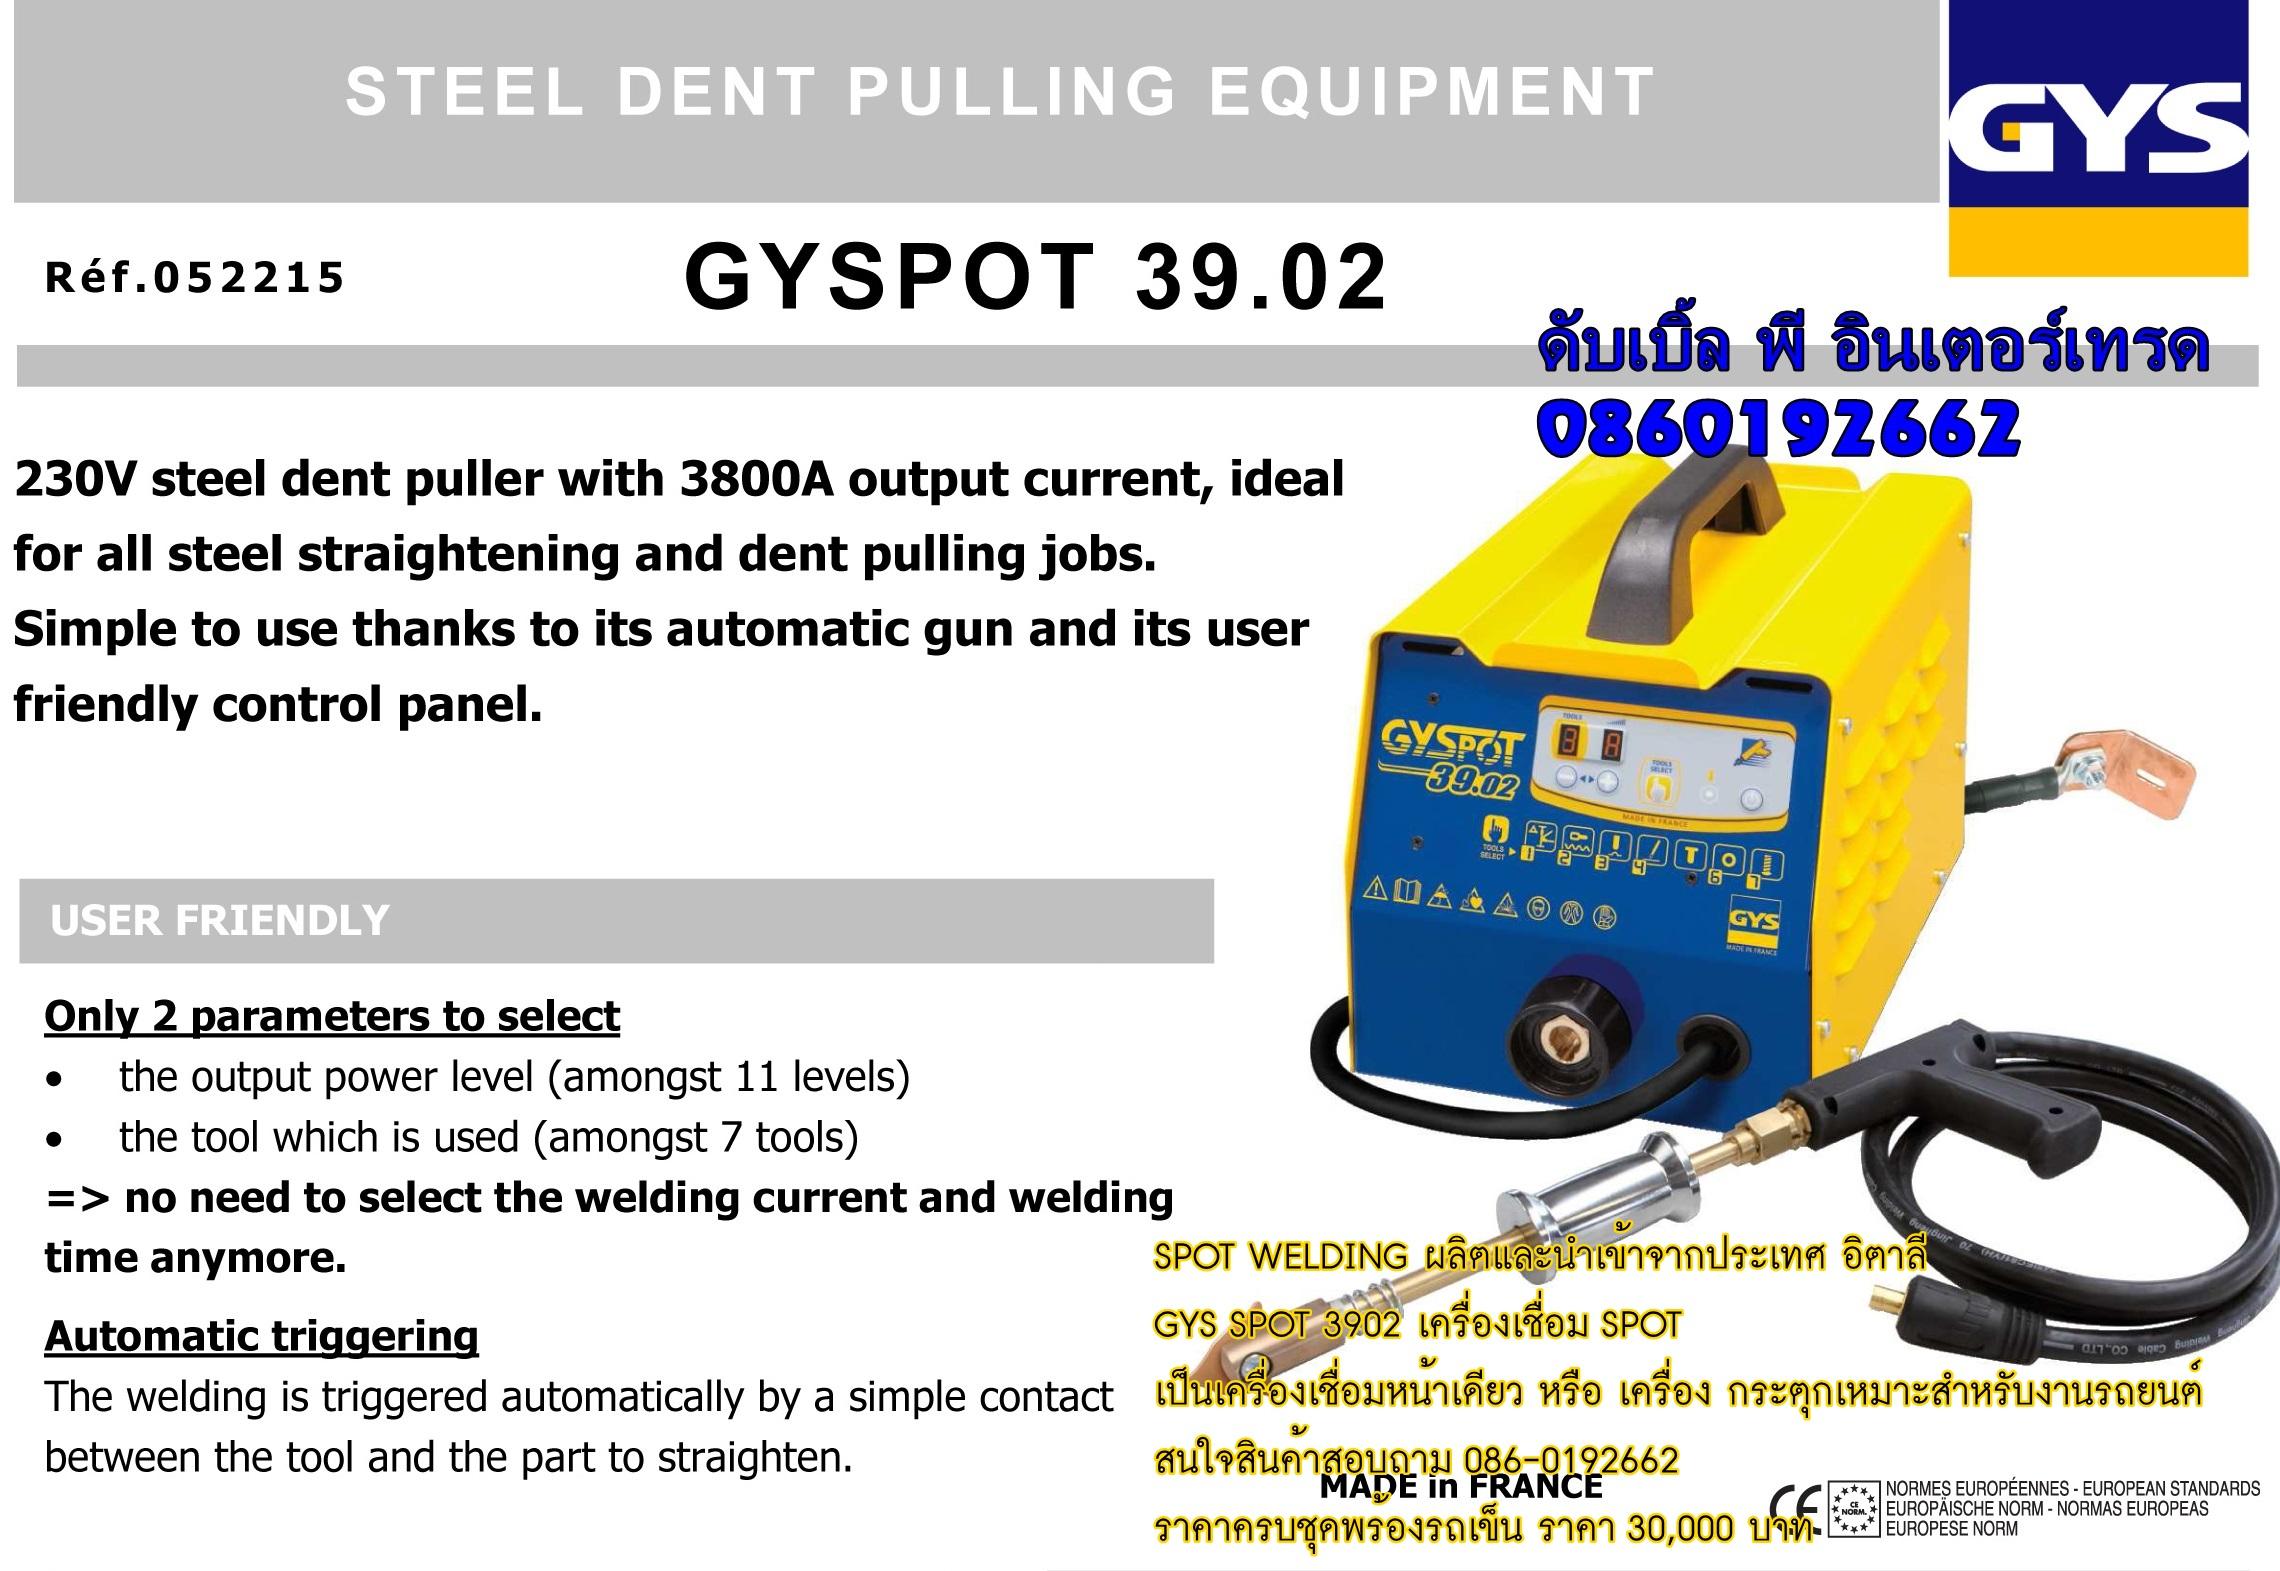 เครื่องกระตุก GYSPOT 3902 - ห้างหุ้นส่วนจำกัด ดับเบิ้ล พี อินเตอร์เทรด